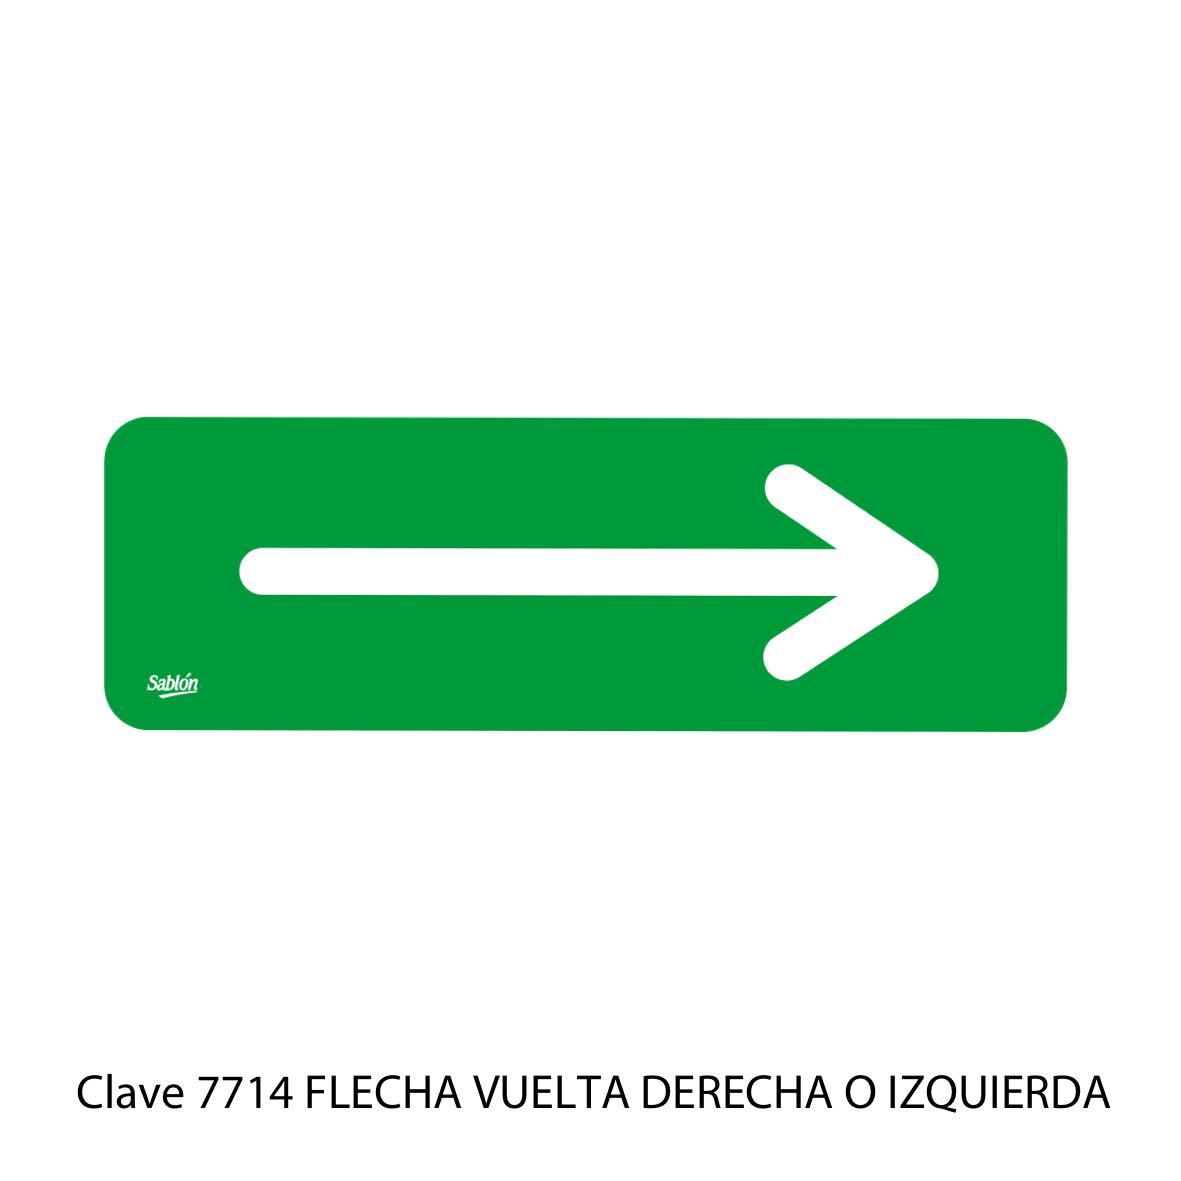 Señal de Flecha Vuelta Derecha o Vuelta Izquierda Modelo 7714 - Sablón